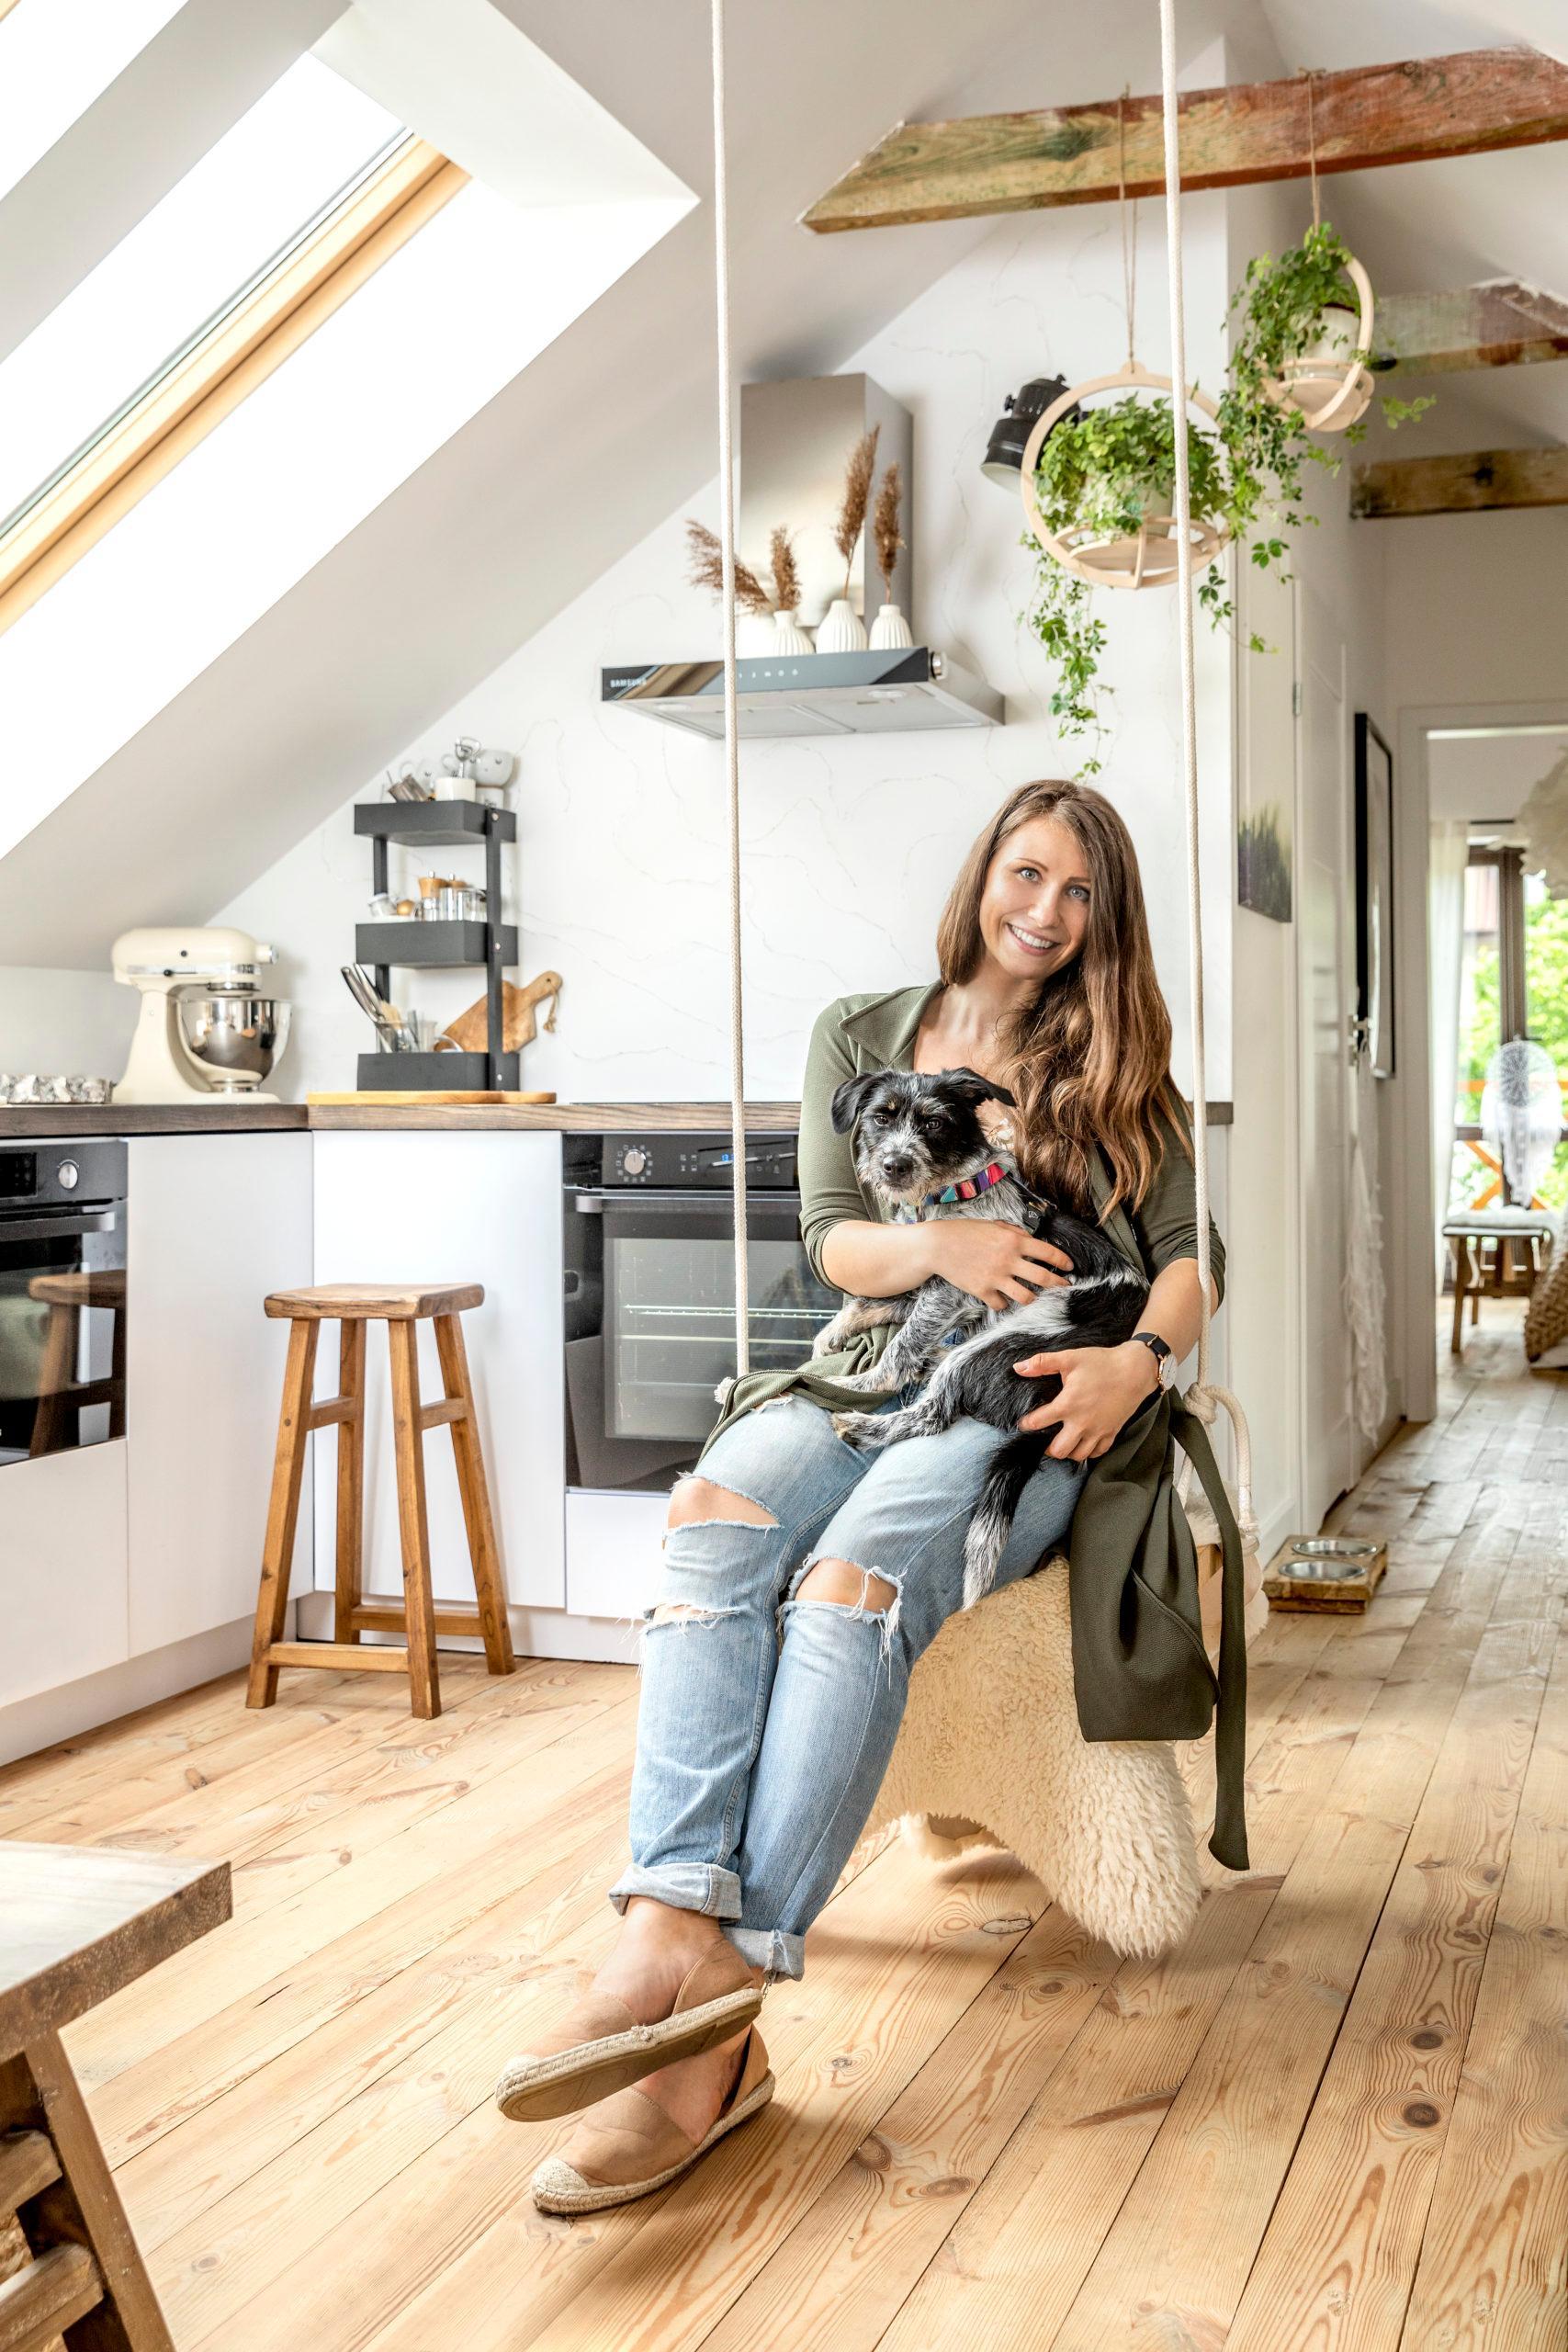 Een vrouw die een nieuwe keuken regelt